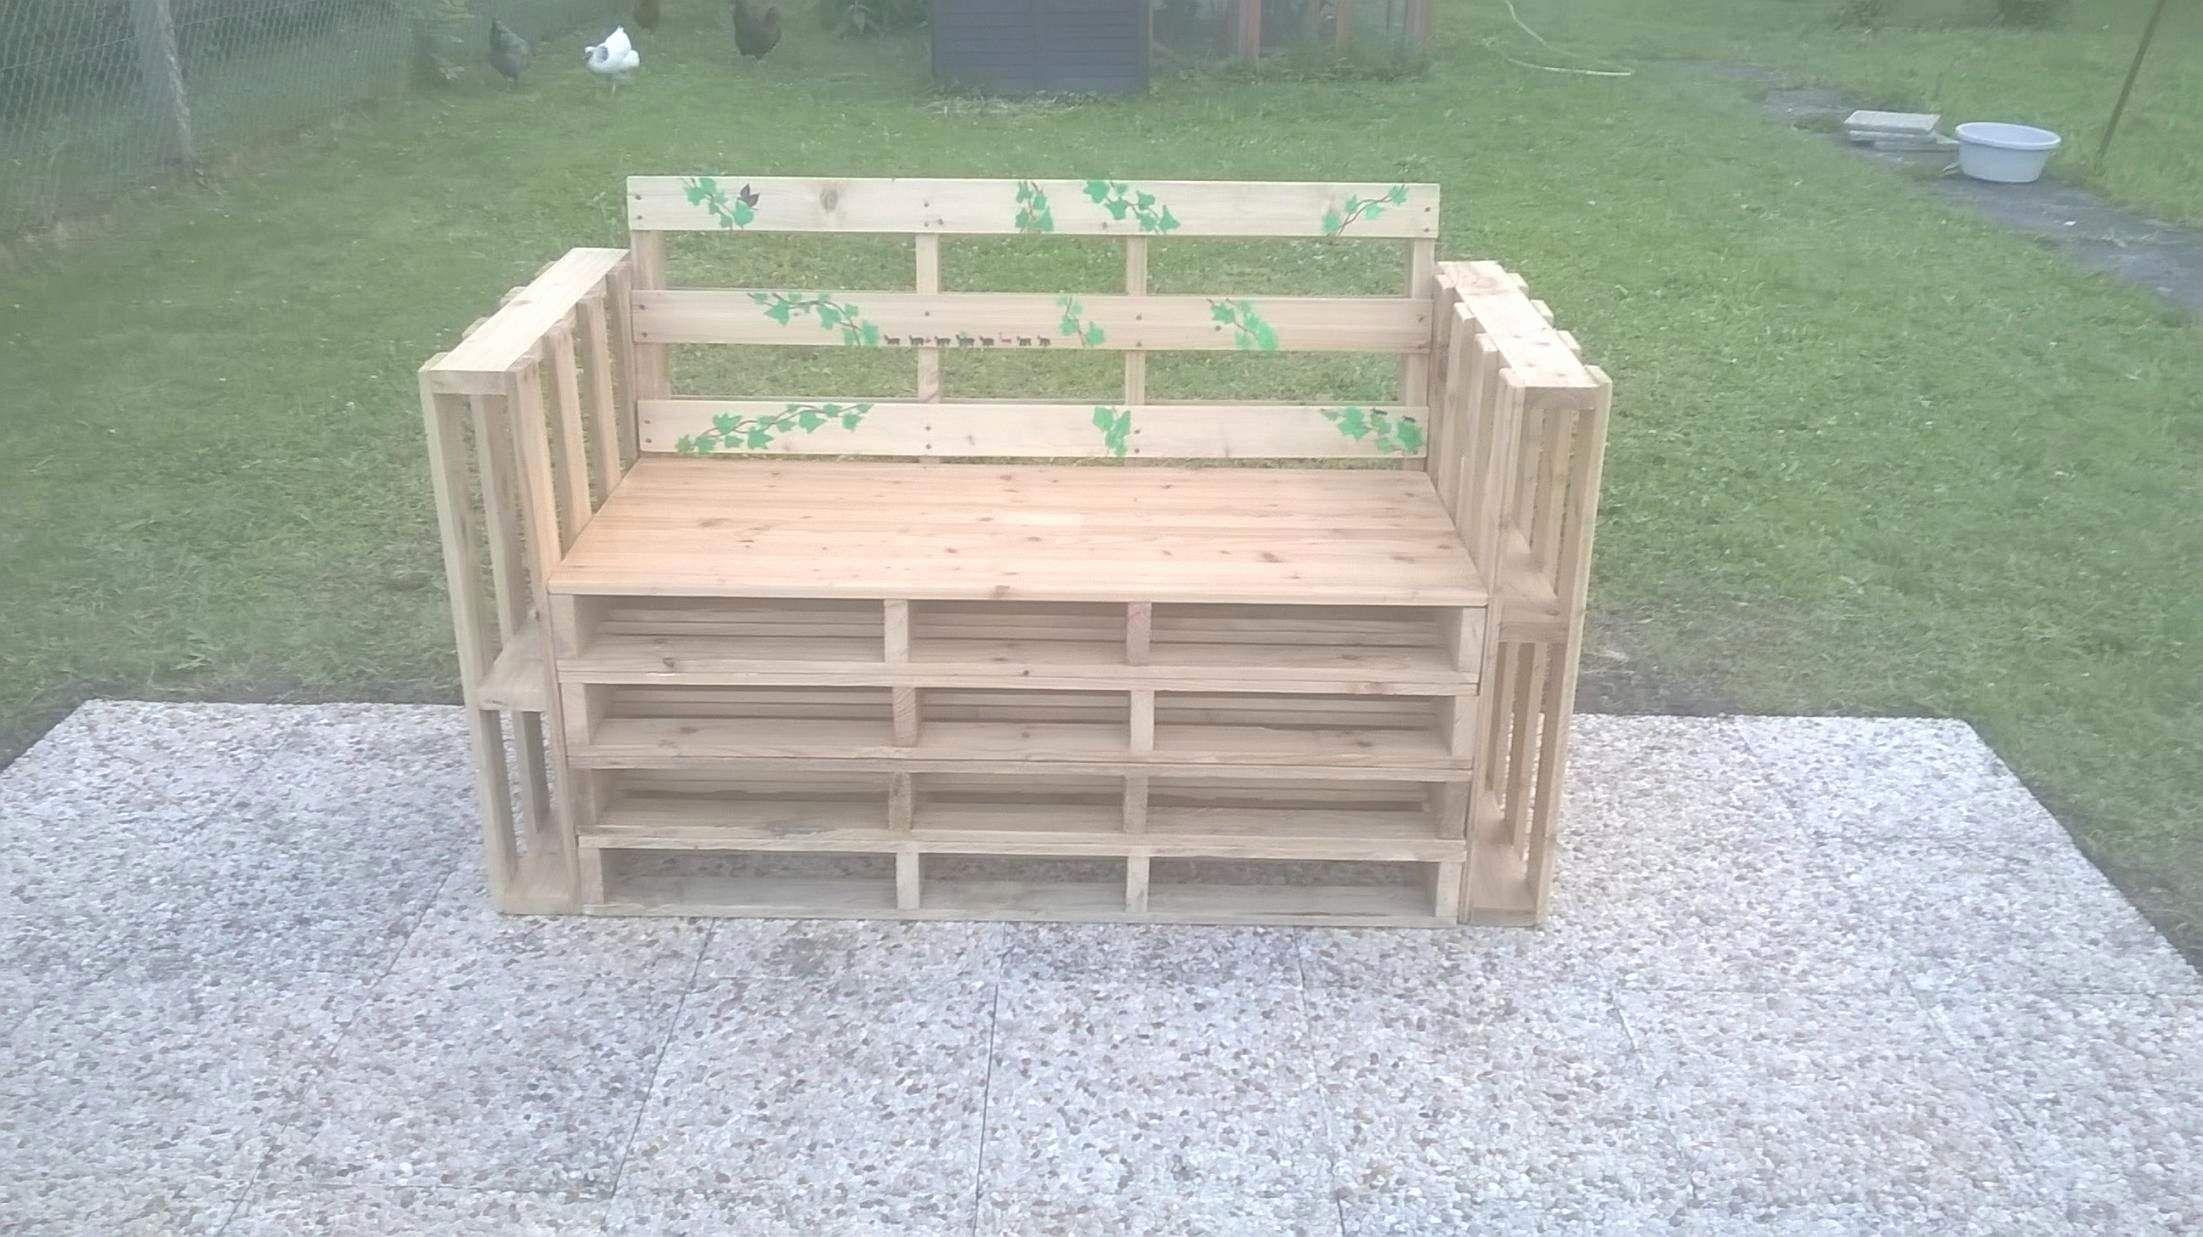 acheter banc de jardin aussi coffre banc bois banquette coffre bois luxe banquette lit 0d simple de acheter banc de jardin